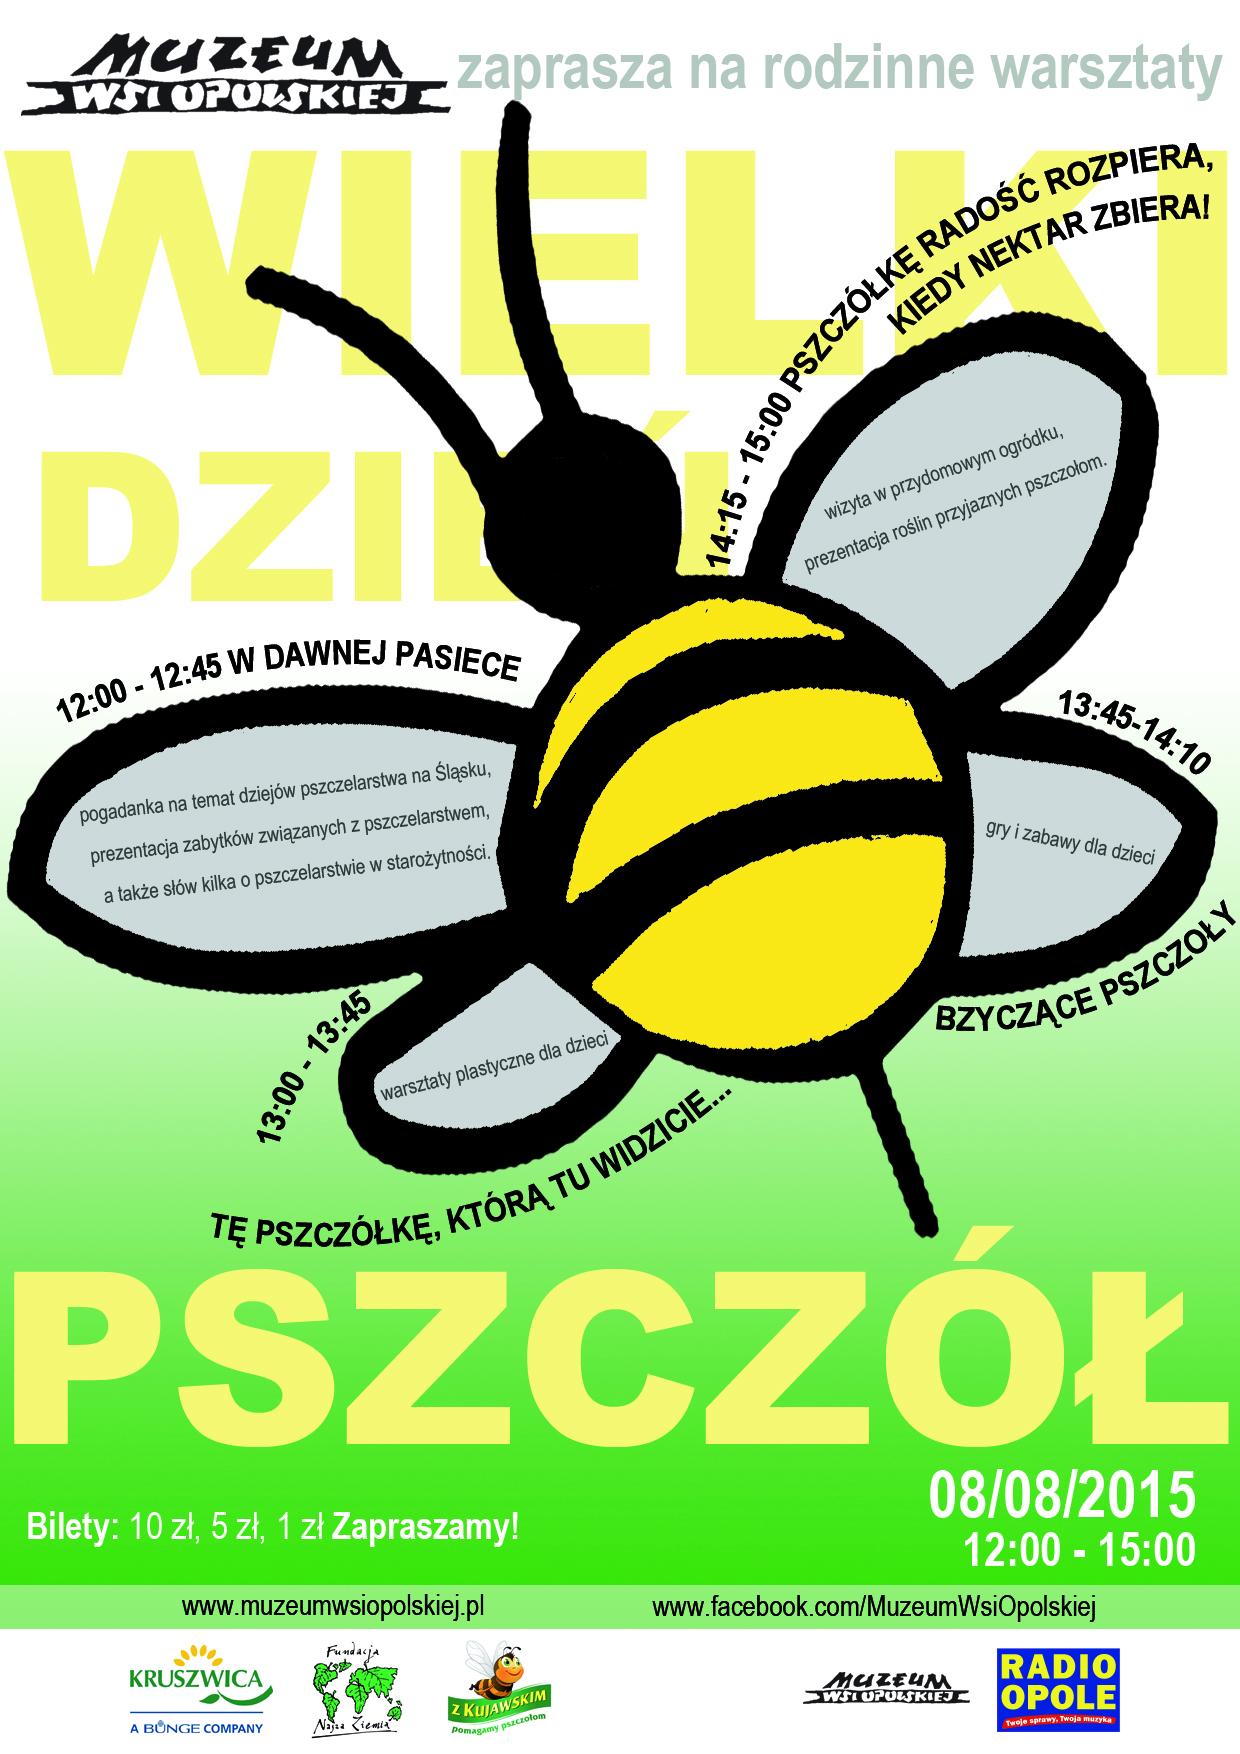 2015-08-08_Wielki Dzień Pszczół.jpeg